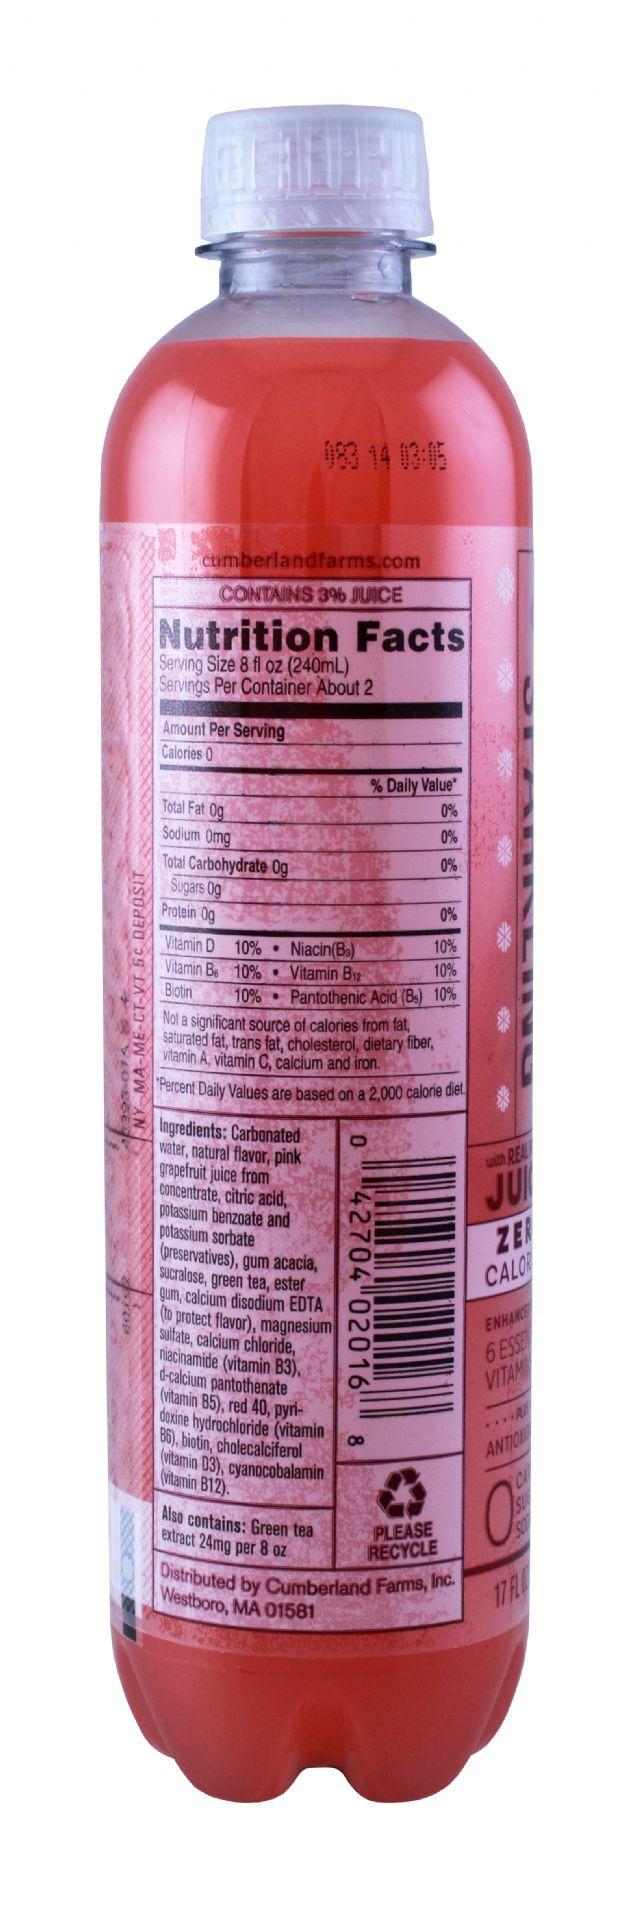 Cumberland Farms Sparkling Sno: Cumberlan PinkGrapefruit Facts